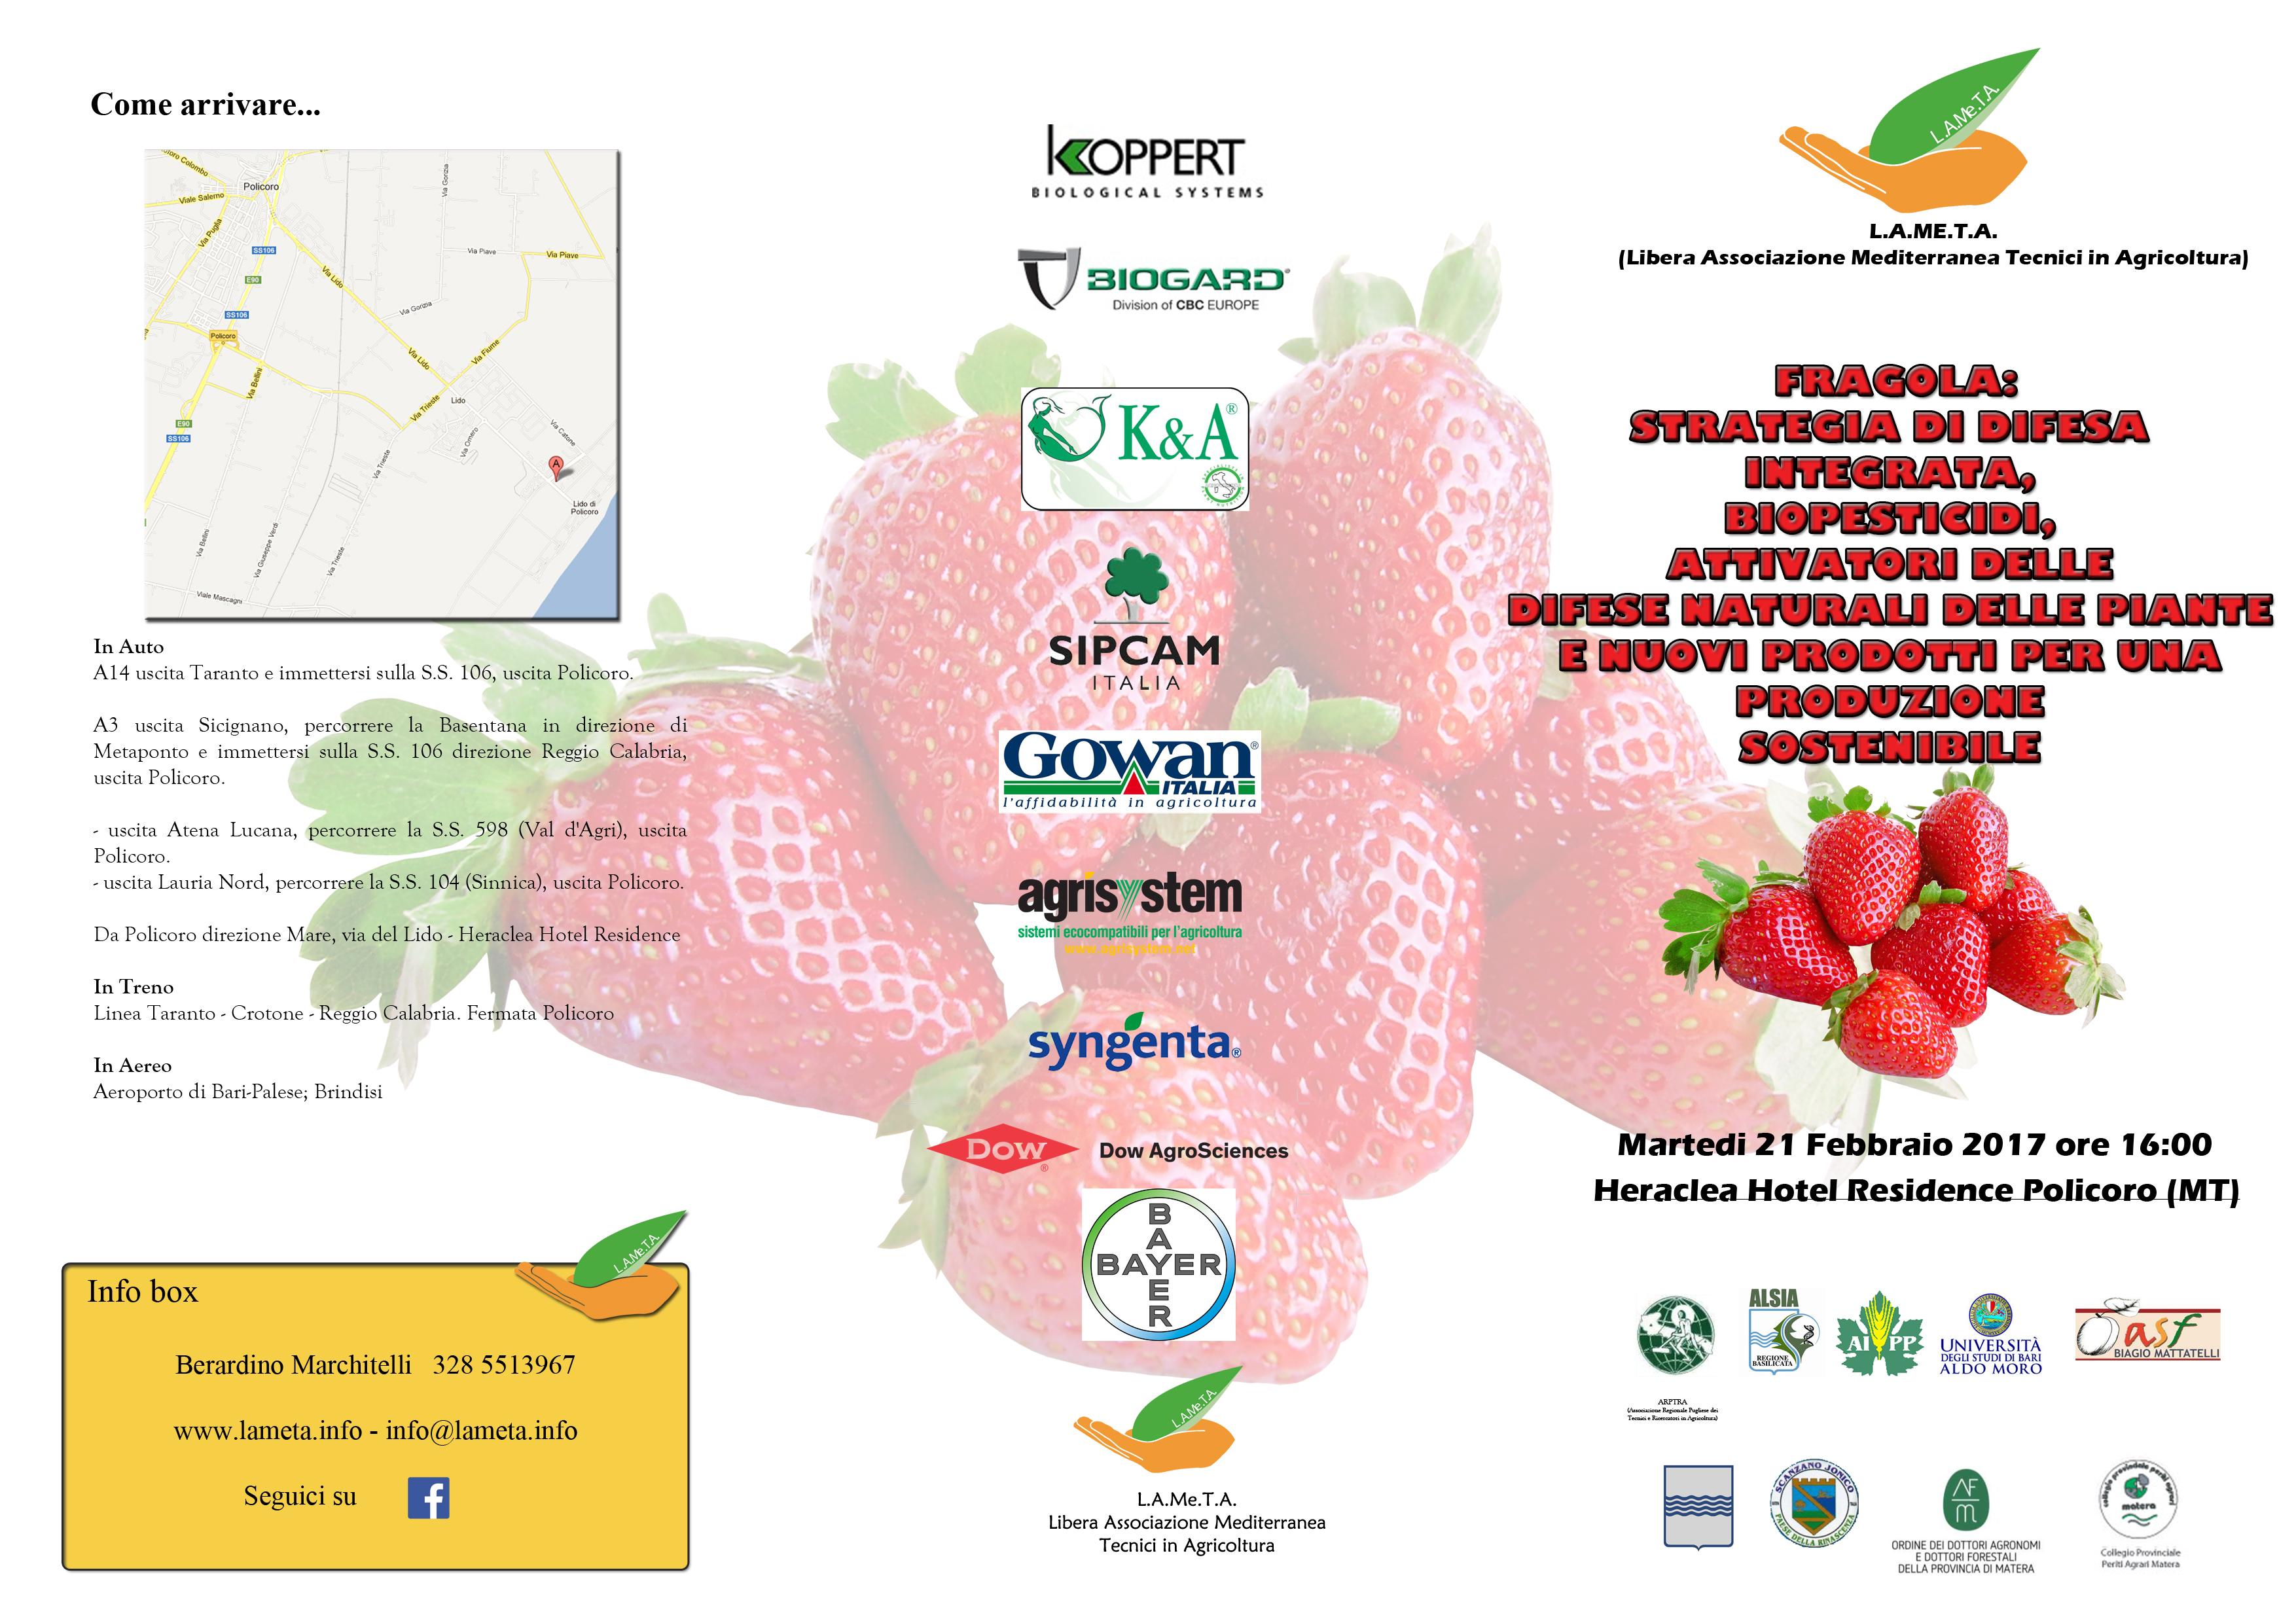 Convegno Lameta: Fragola: Strategia di difesa integrata, biopesticidi, attivatori delle difese naturali delle piante e nuovi prodotti per una produzione sostenibile.